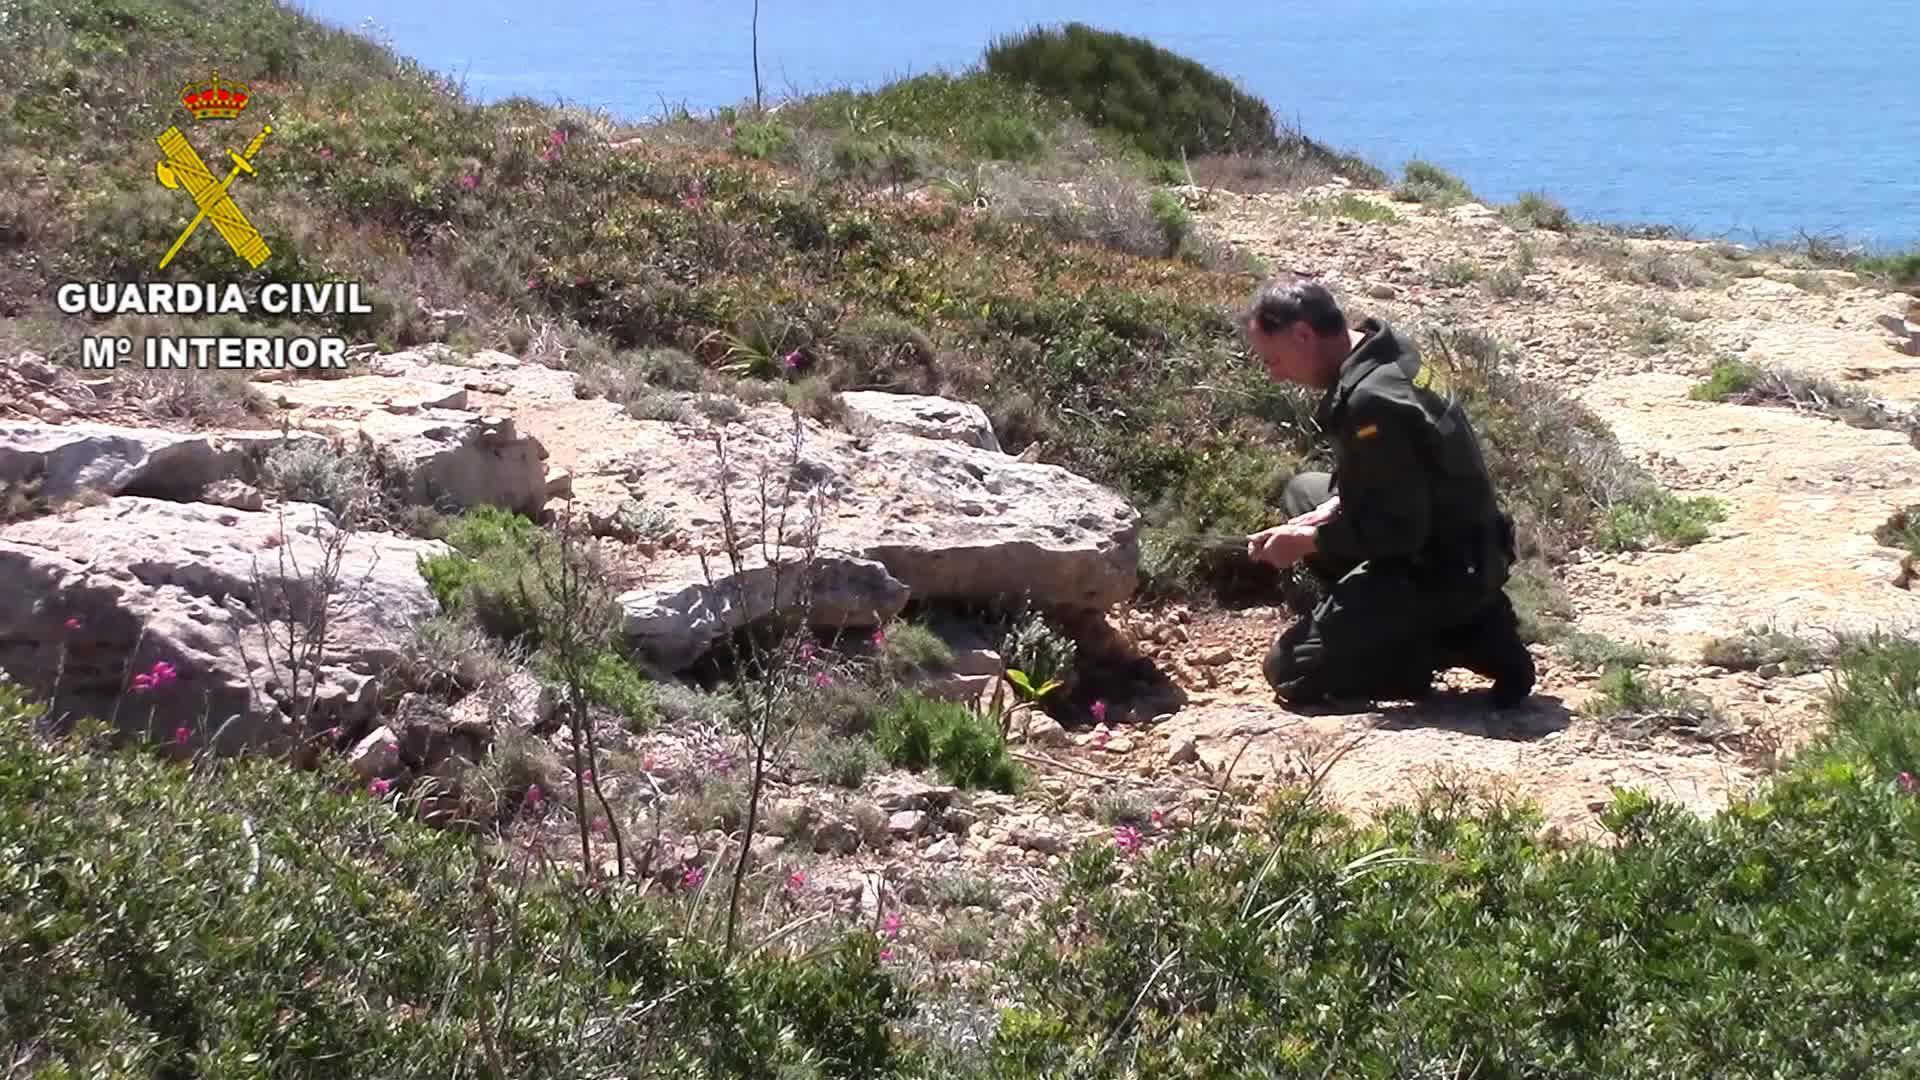 La Guardia Civil destruye un proyectil y dos granadas de mortero en Ibiza y Mallorca